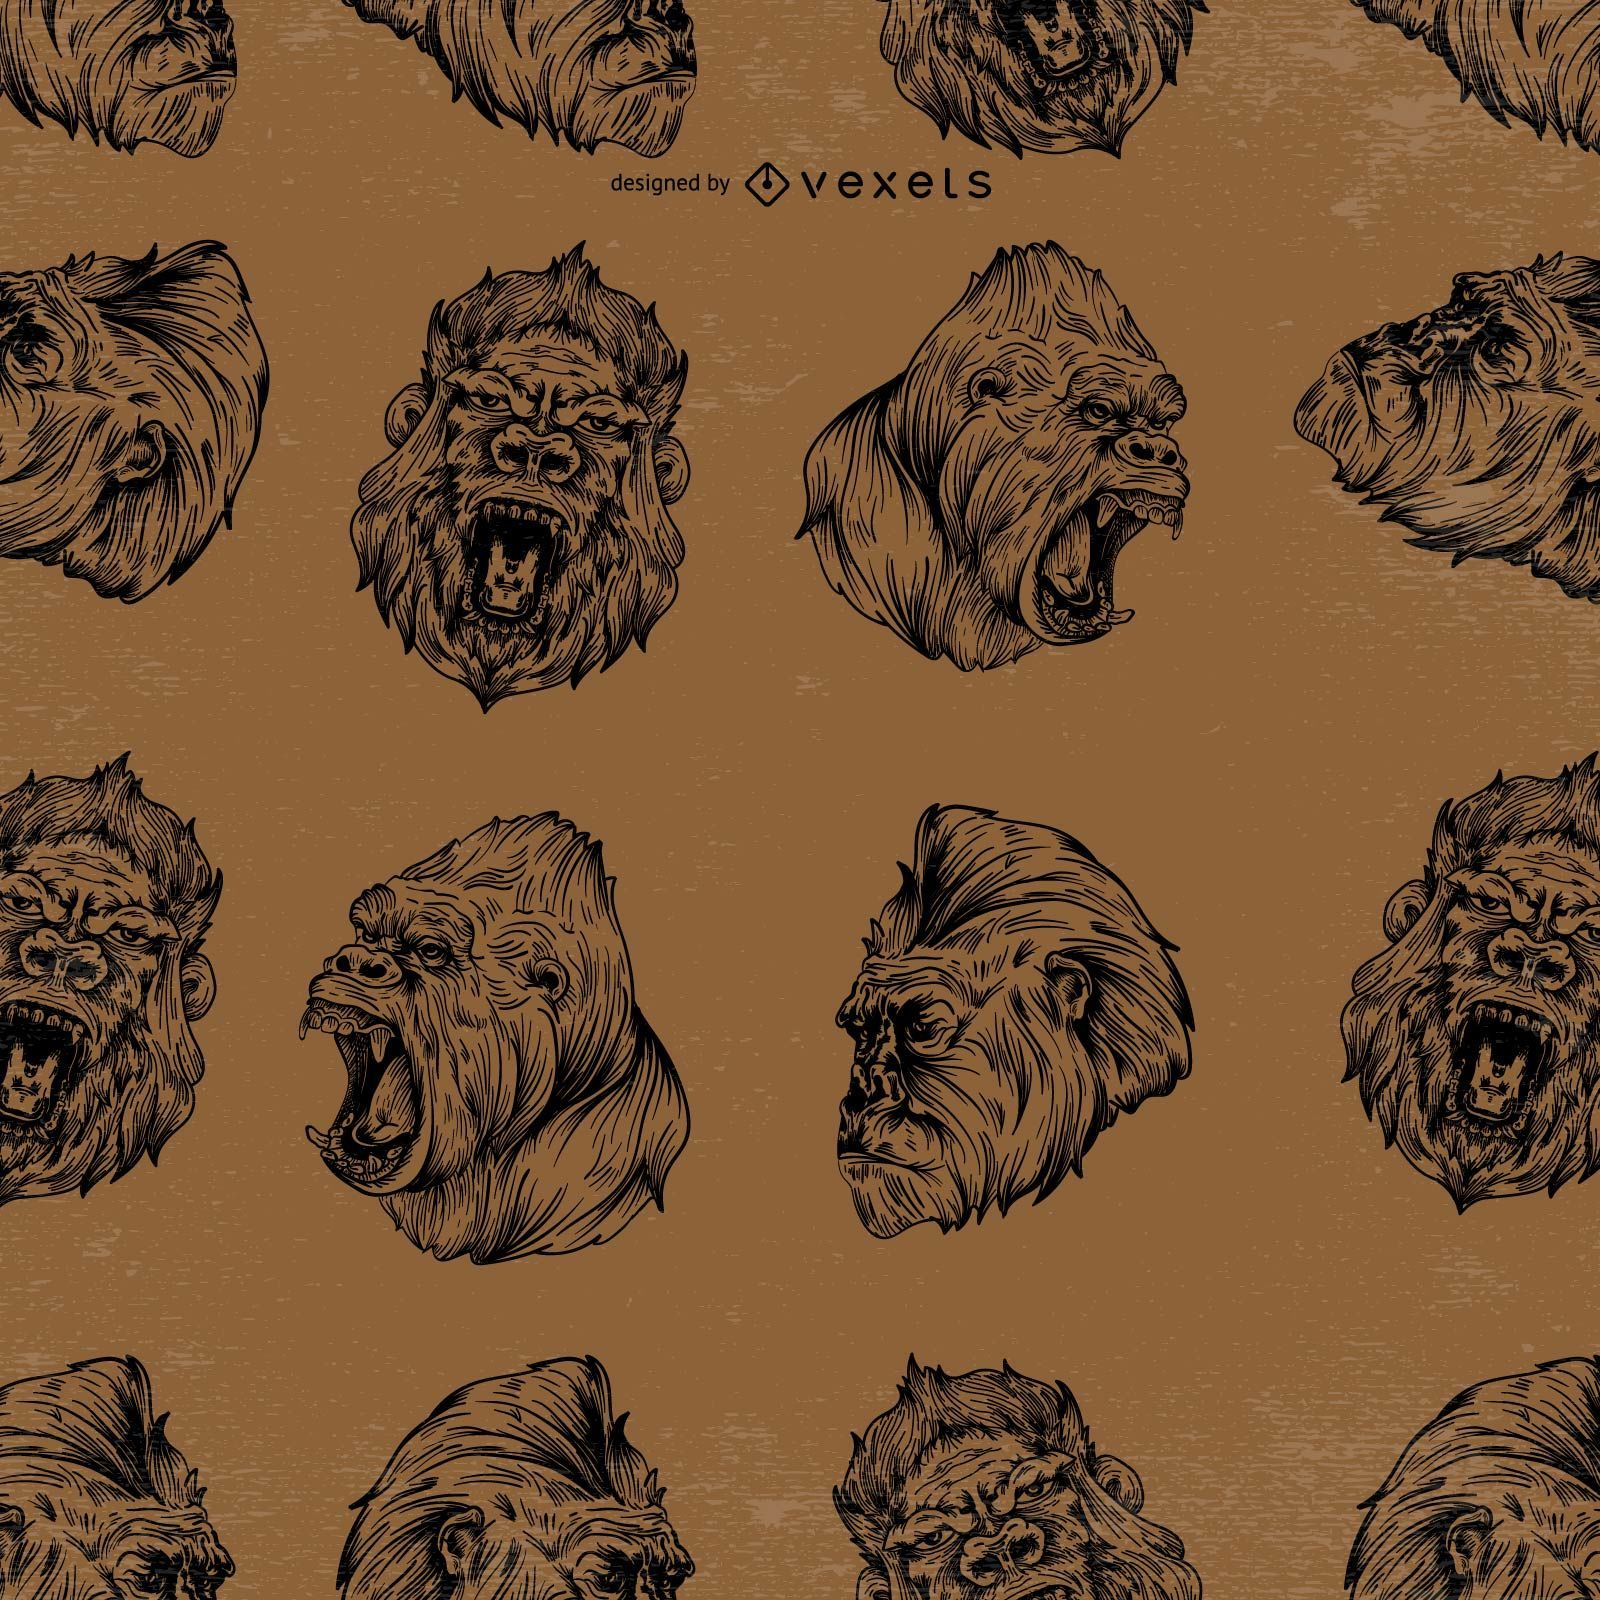 Diseño de patrón de gorila sin costuras